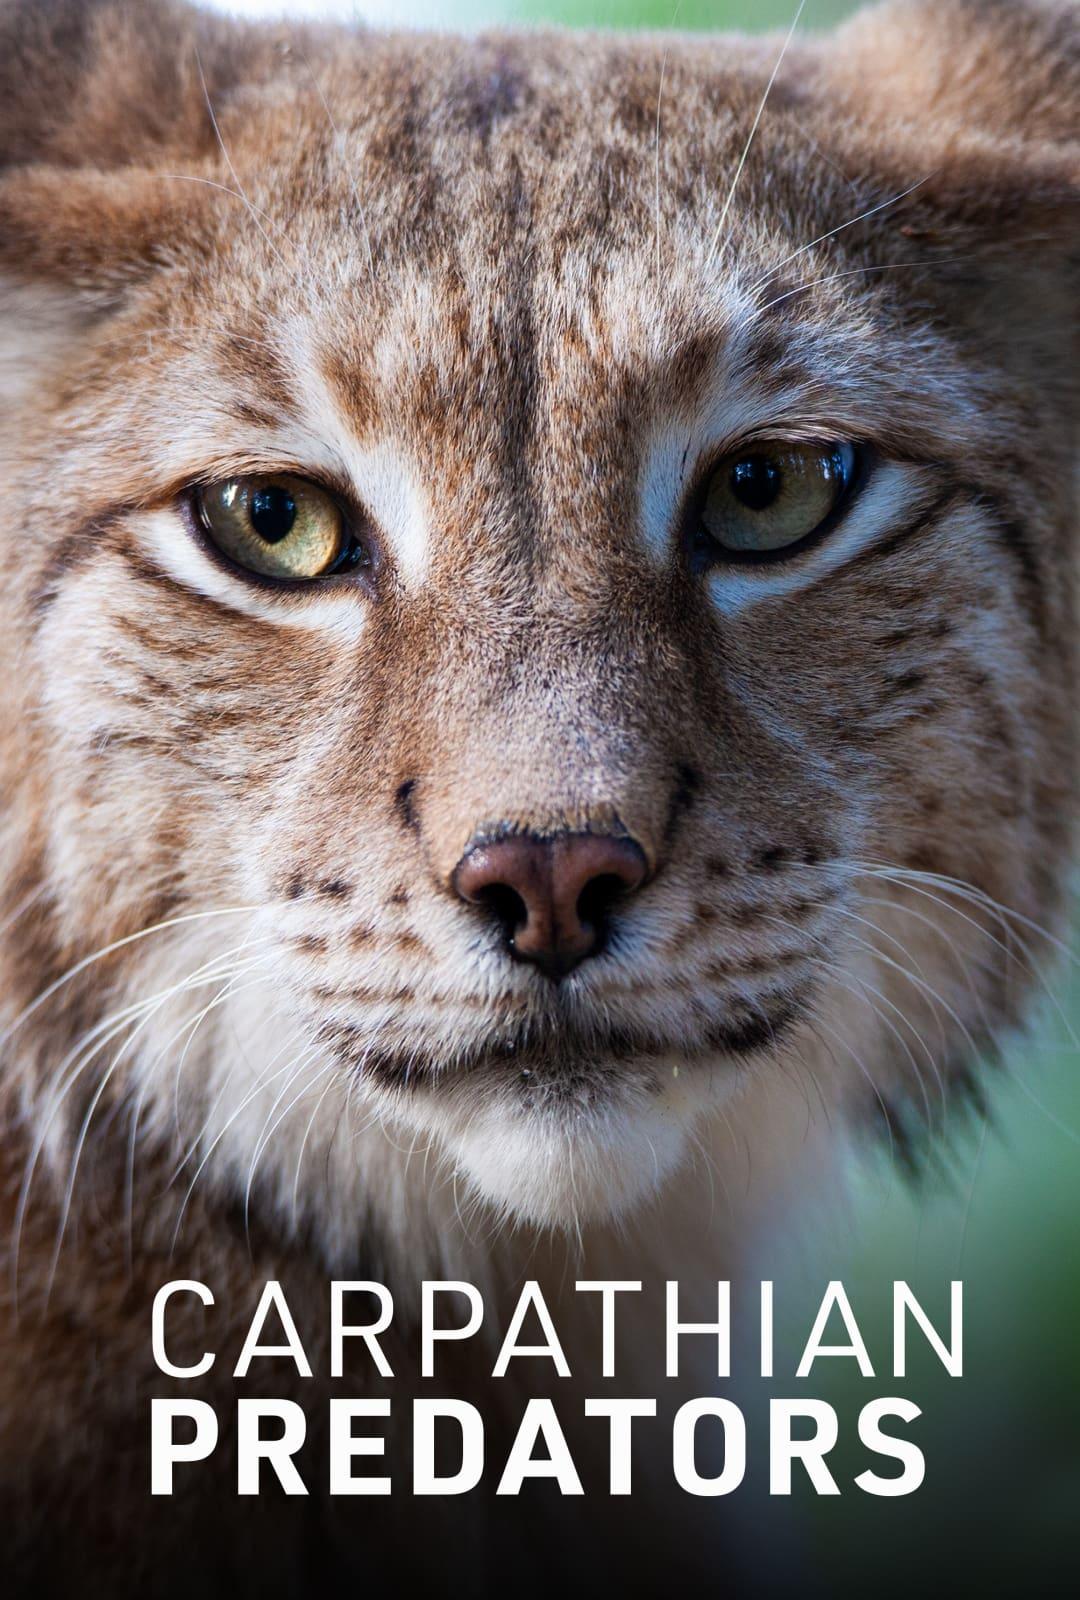 Carpathian Predators TV Shows About Mountain